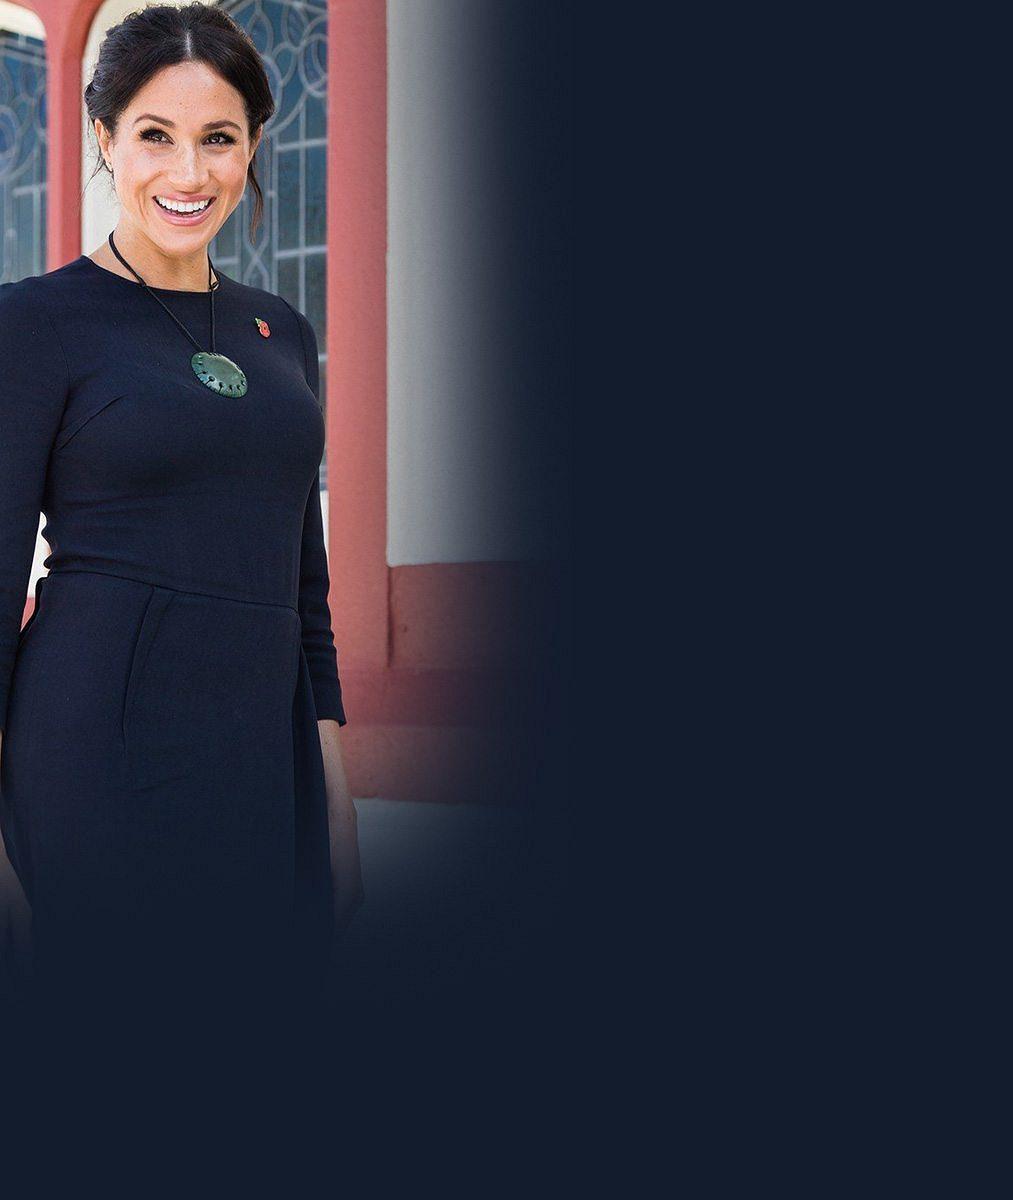 Princ Harry opouští Kensingtonský palác: Meghan prý do královské rodiny nezapadla, raději bude miminko vychovávat vtomto domě